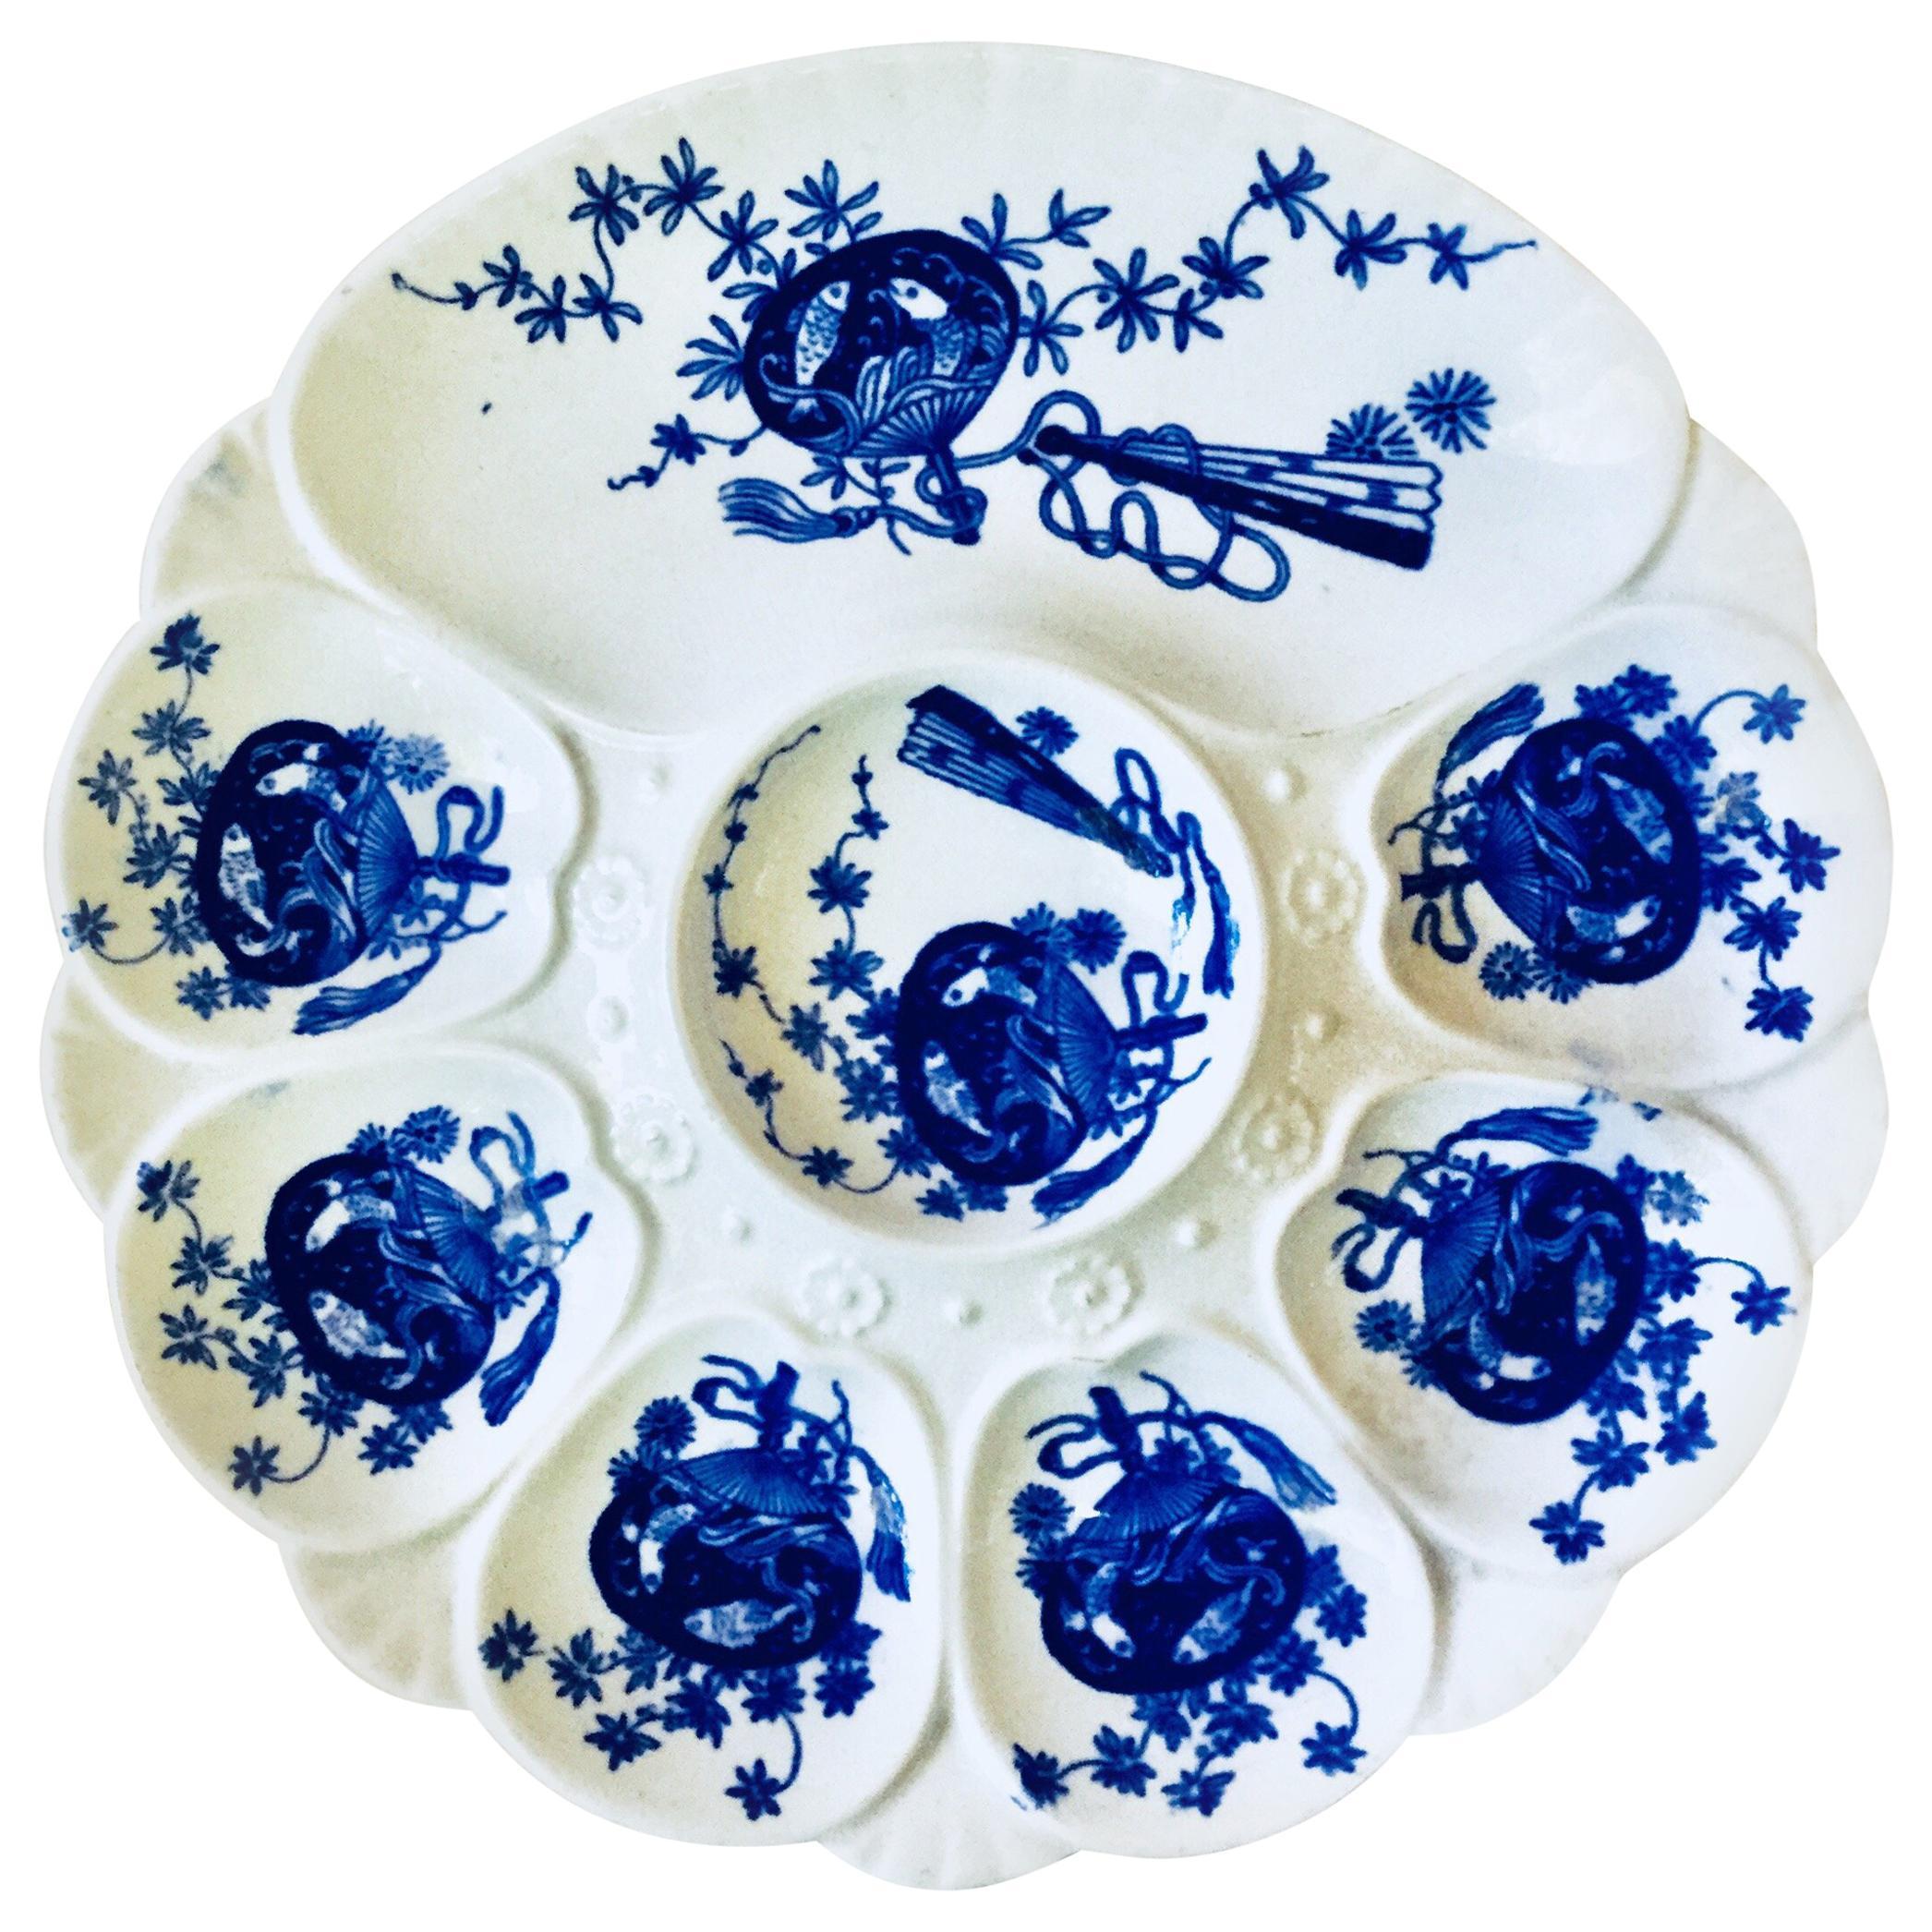 19th Century Porcelain Flow Blue Oyster Plate Minton